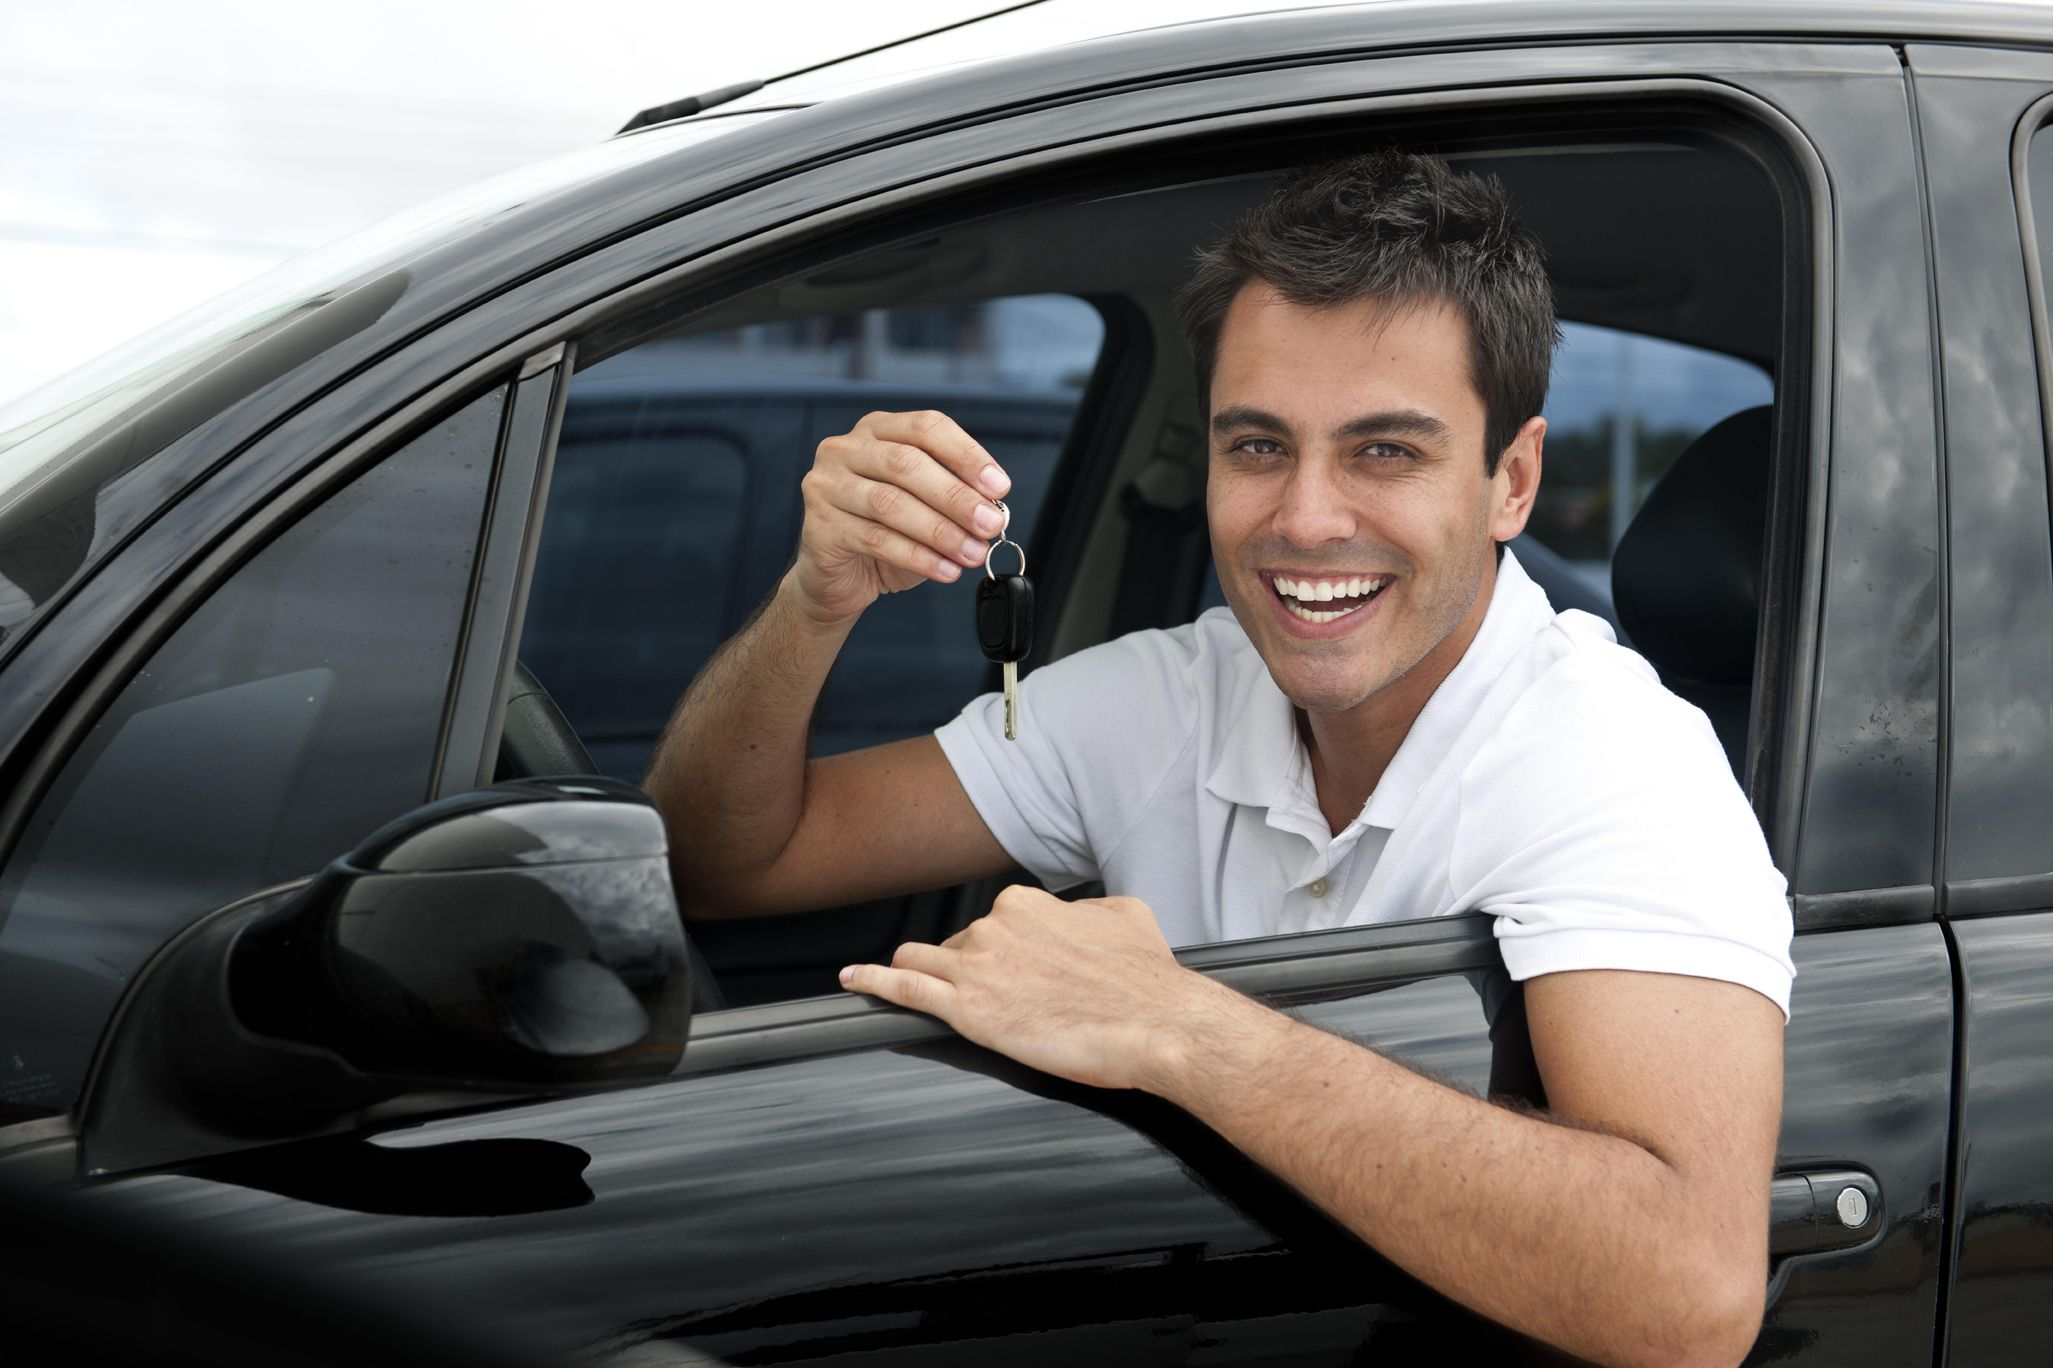 фото одного мужчины на машине гниль является грибковым